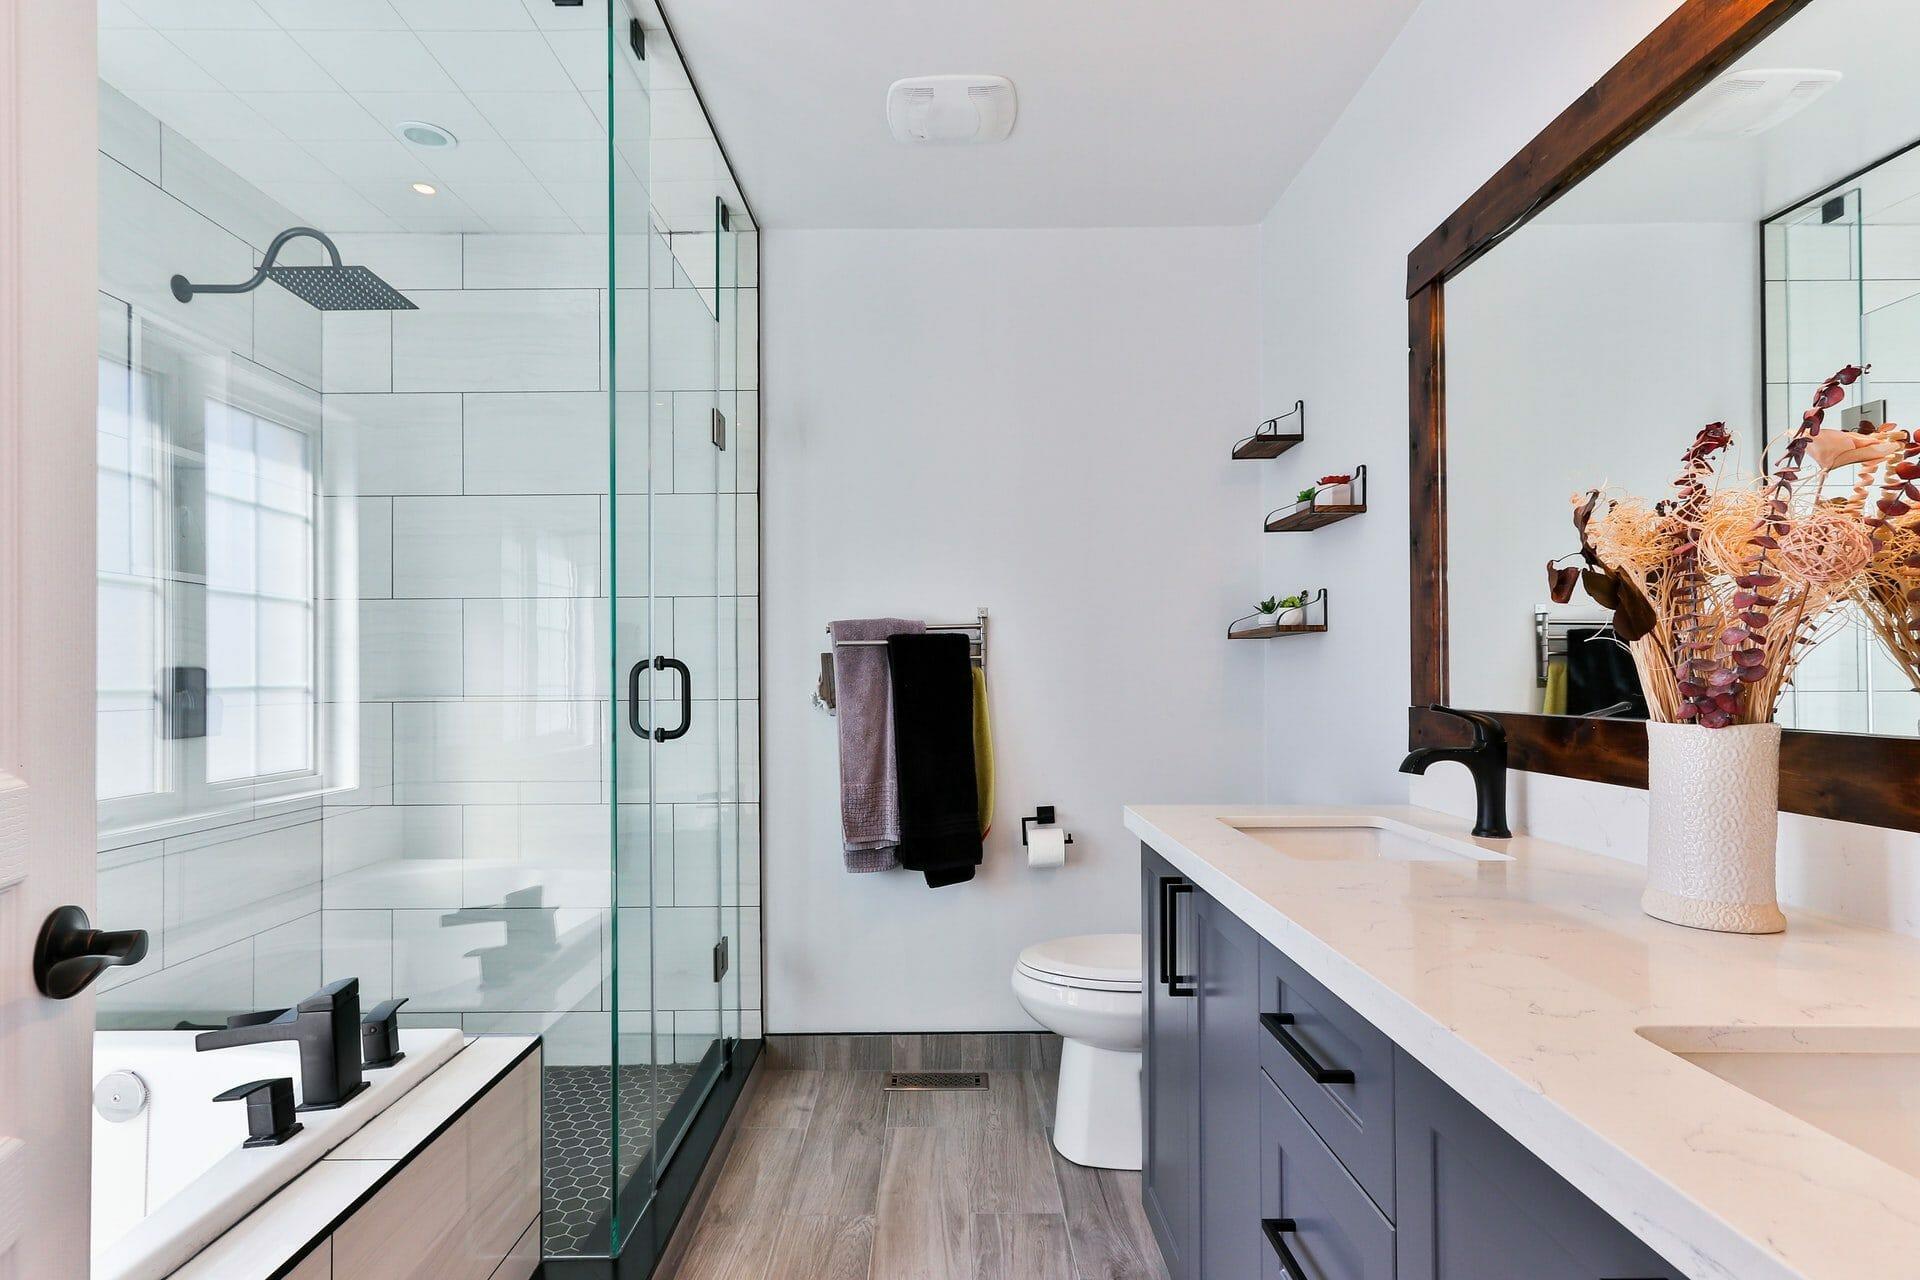 Nouă trucuri simple pentru ca baia ta mică să pară mai mare